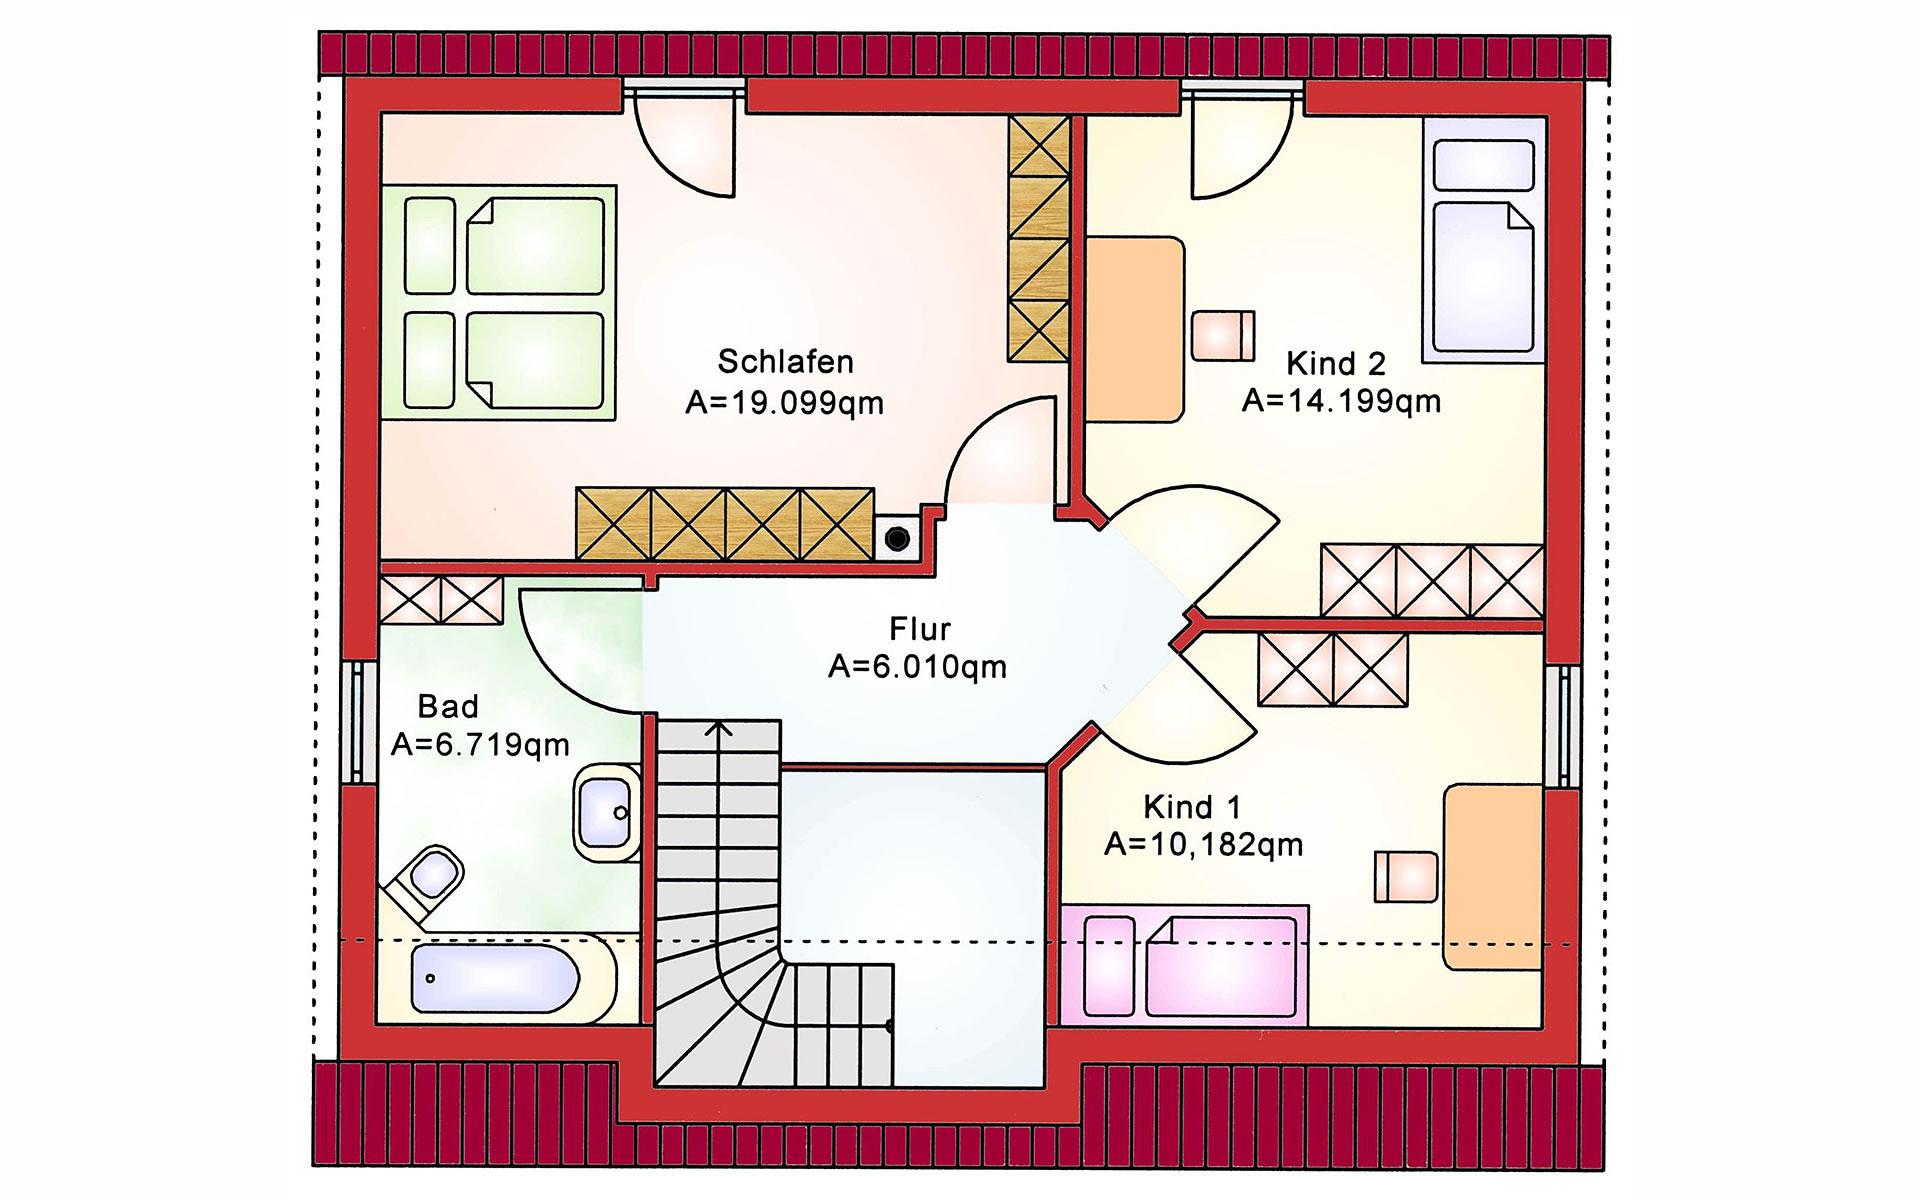 Dachgeschoss Future BS 118 von B&S Selbstbausysteme GmbH & Co. KG